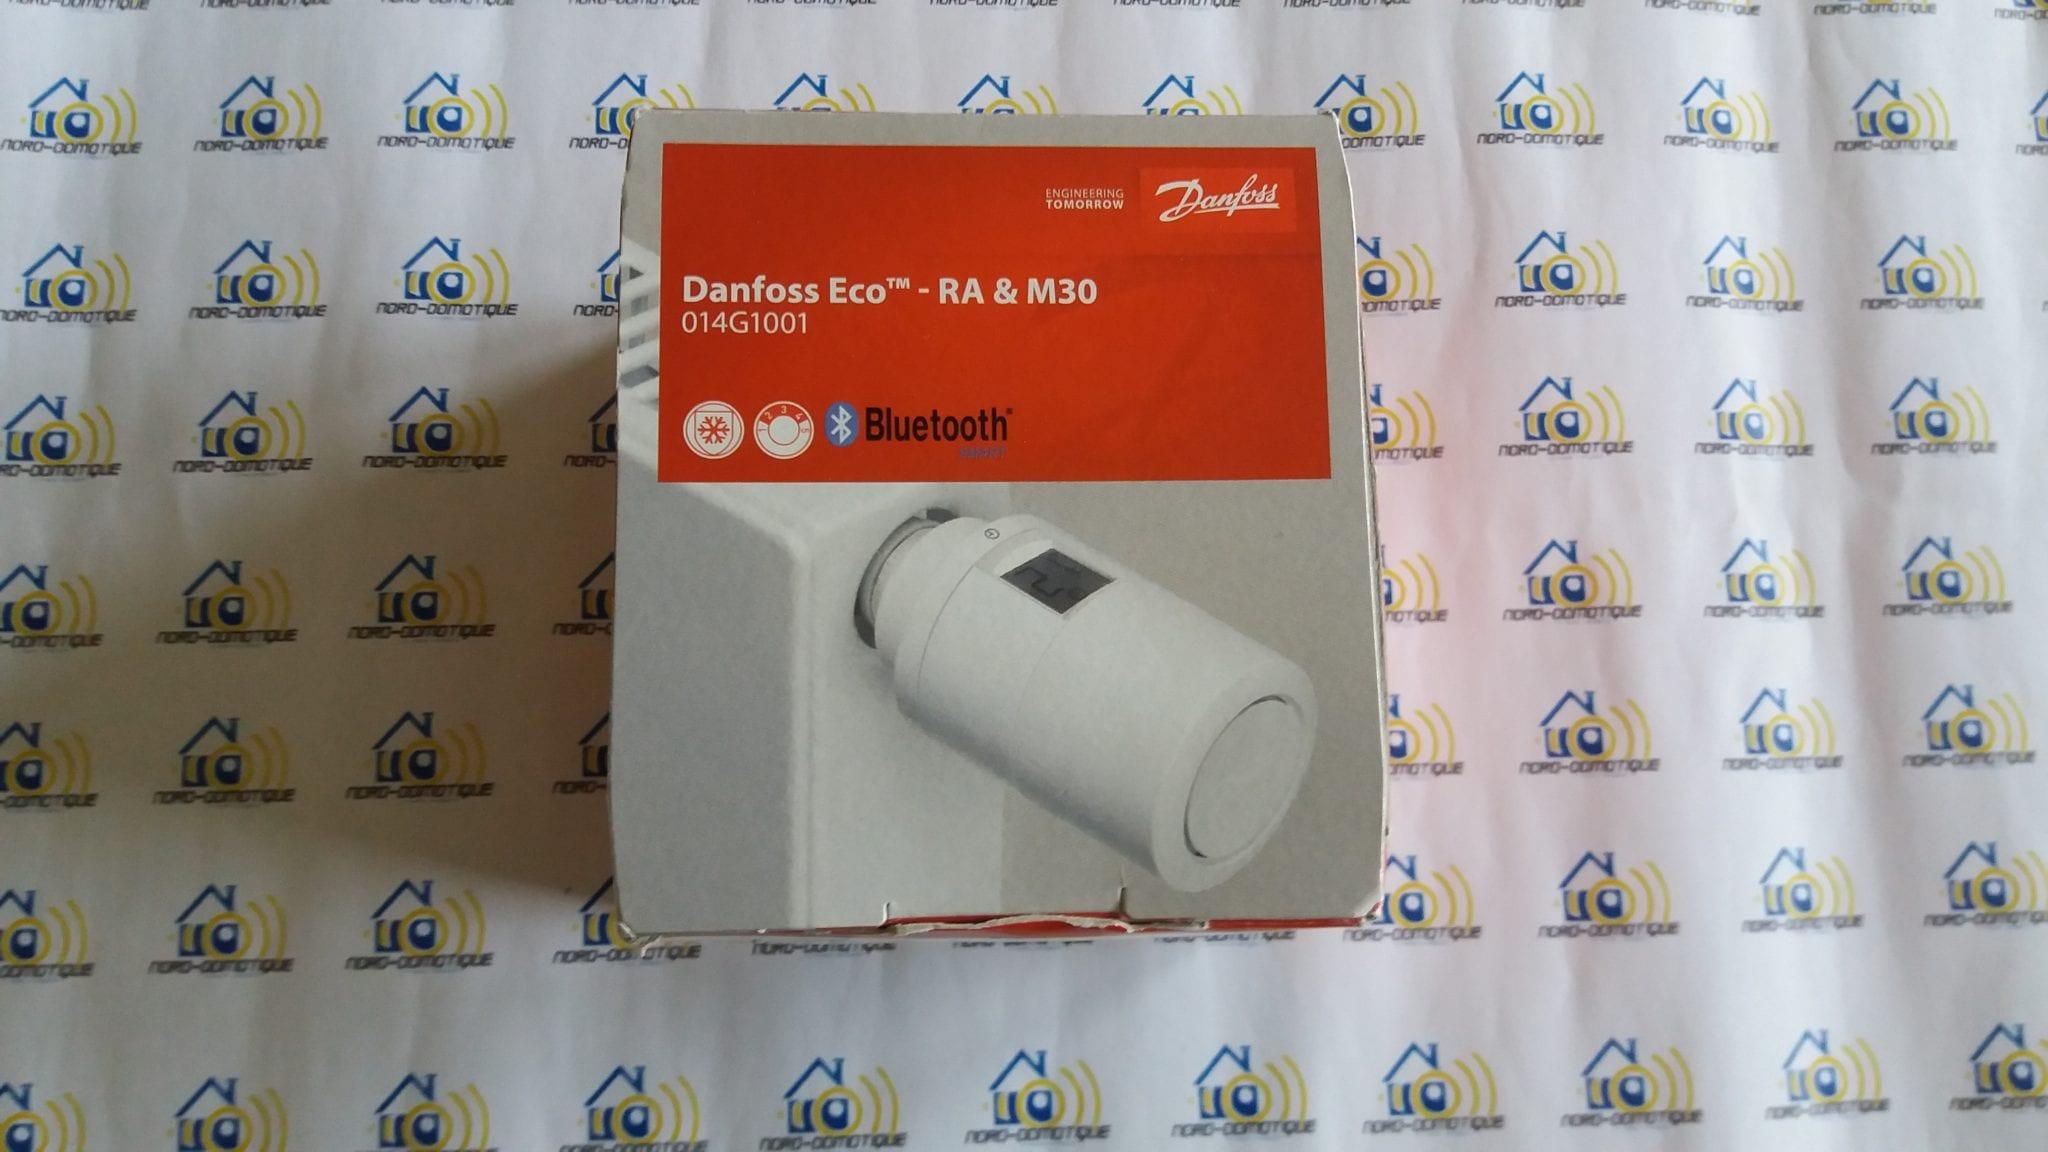 01 Test de la tête thermostatique Danfoss Eco Bluetooth